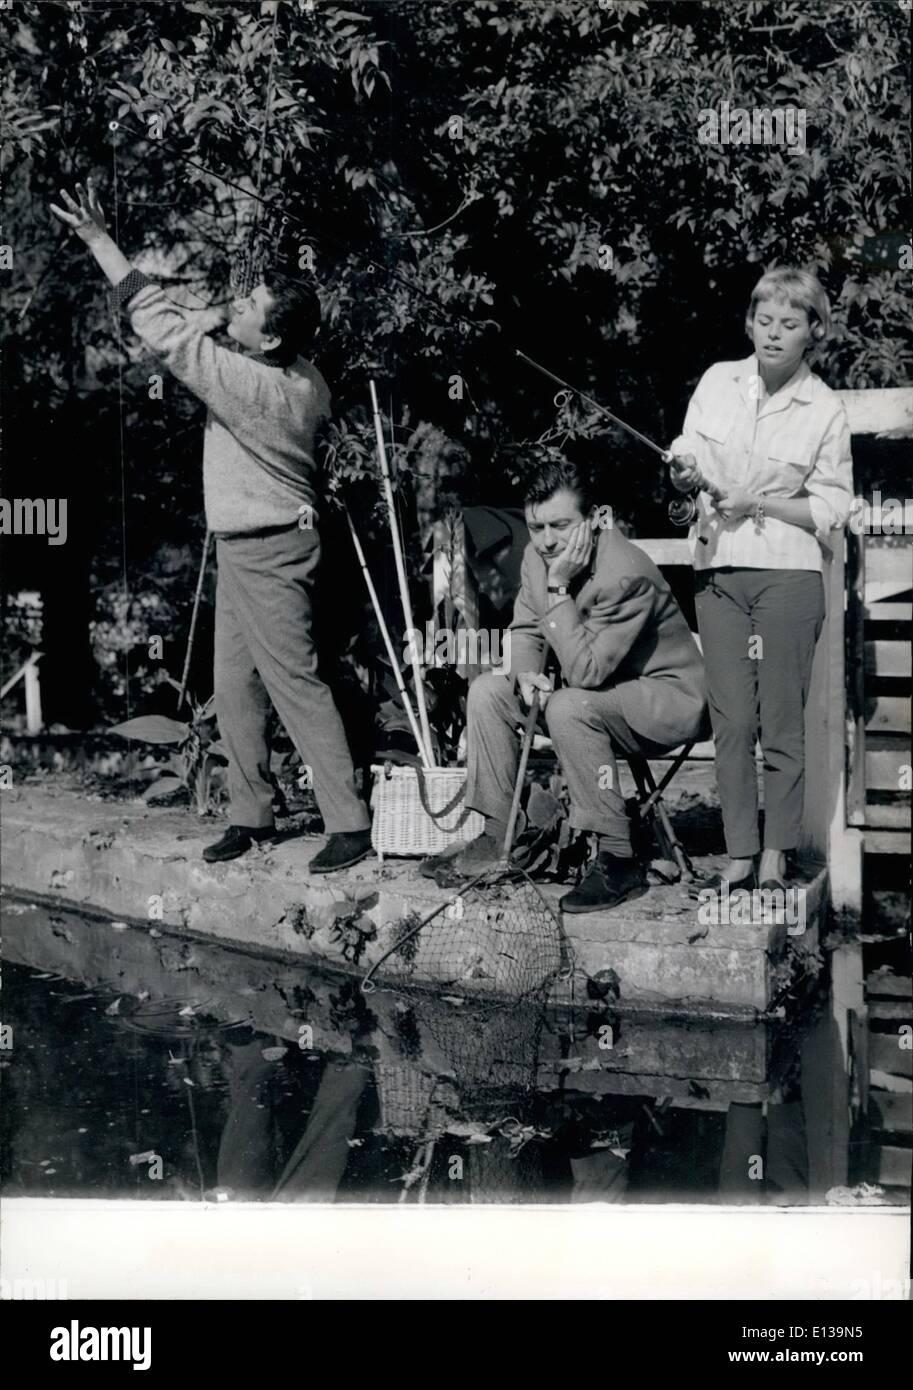 Febbraio 29, 2012 - schermo stelle GO ANGLING DANIEL GELIN, FRANCOIS PERIER E GENEVIEVE CLUNY (da sinistra a destra) LA PESCA SPORTIVA IN UNA SCENA DEL FILM ''BONJOUR MONSIEUR MASURE'' ORA IN FASE DI REALIZZAZIONE. Il film è diretto da CLAUDE MAGNTER. Immagini Stock